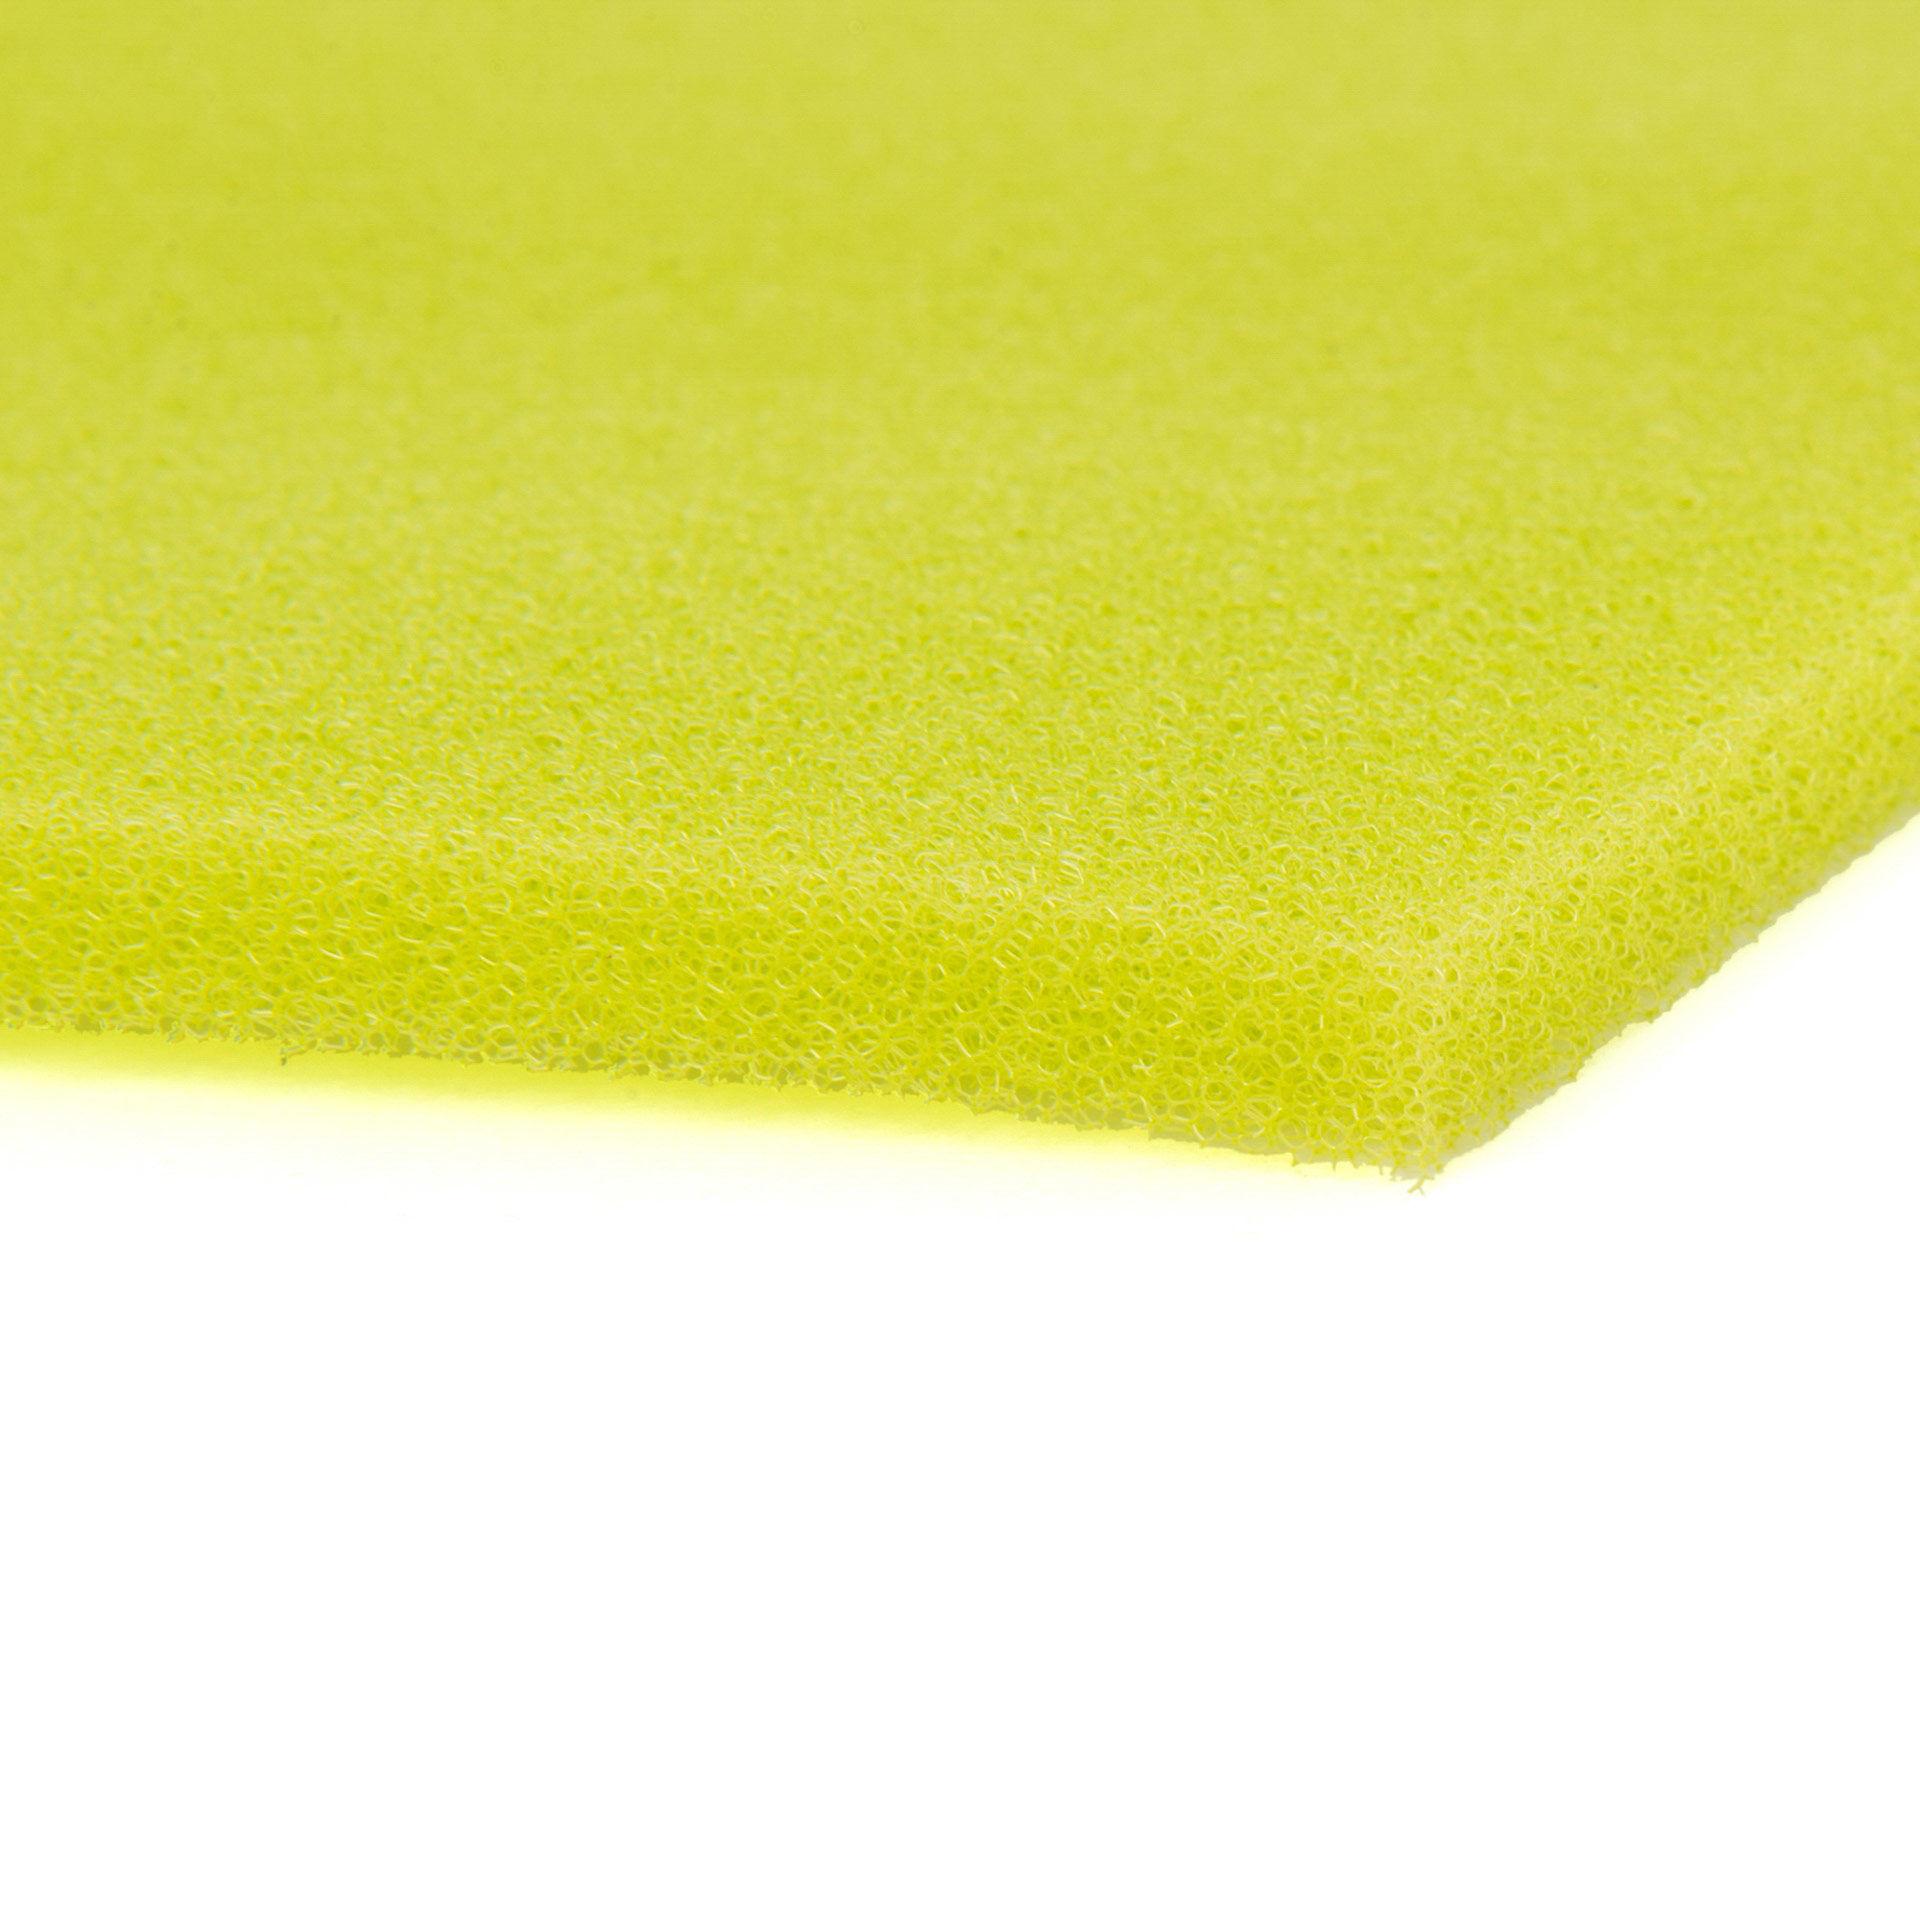 Tapis de conservation anti-moisissure pour réfrigérateur, , large